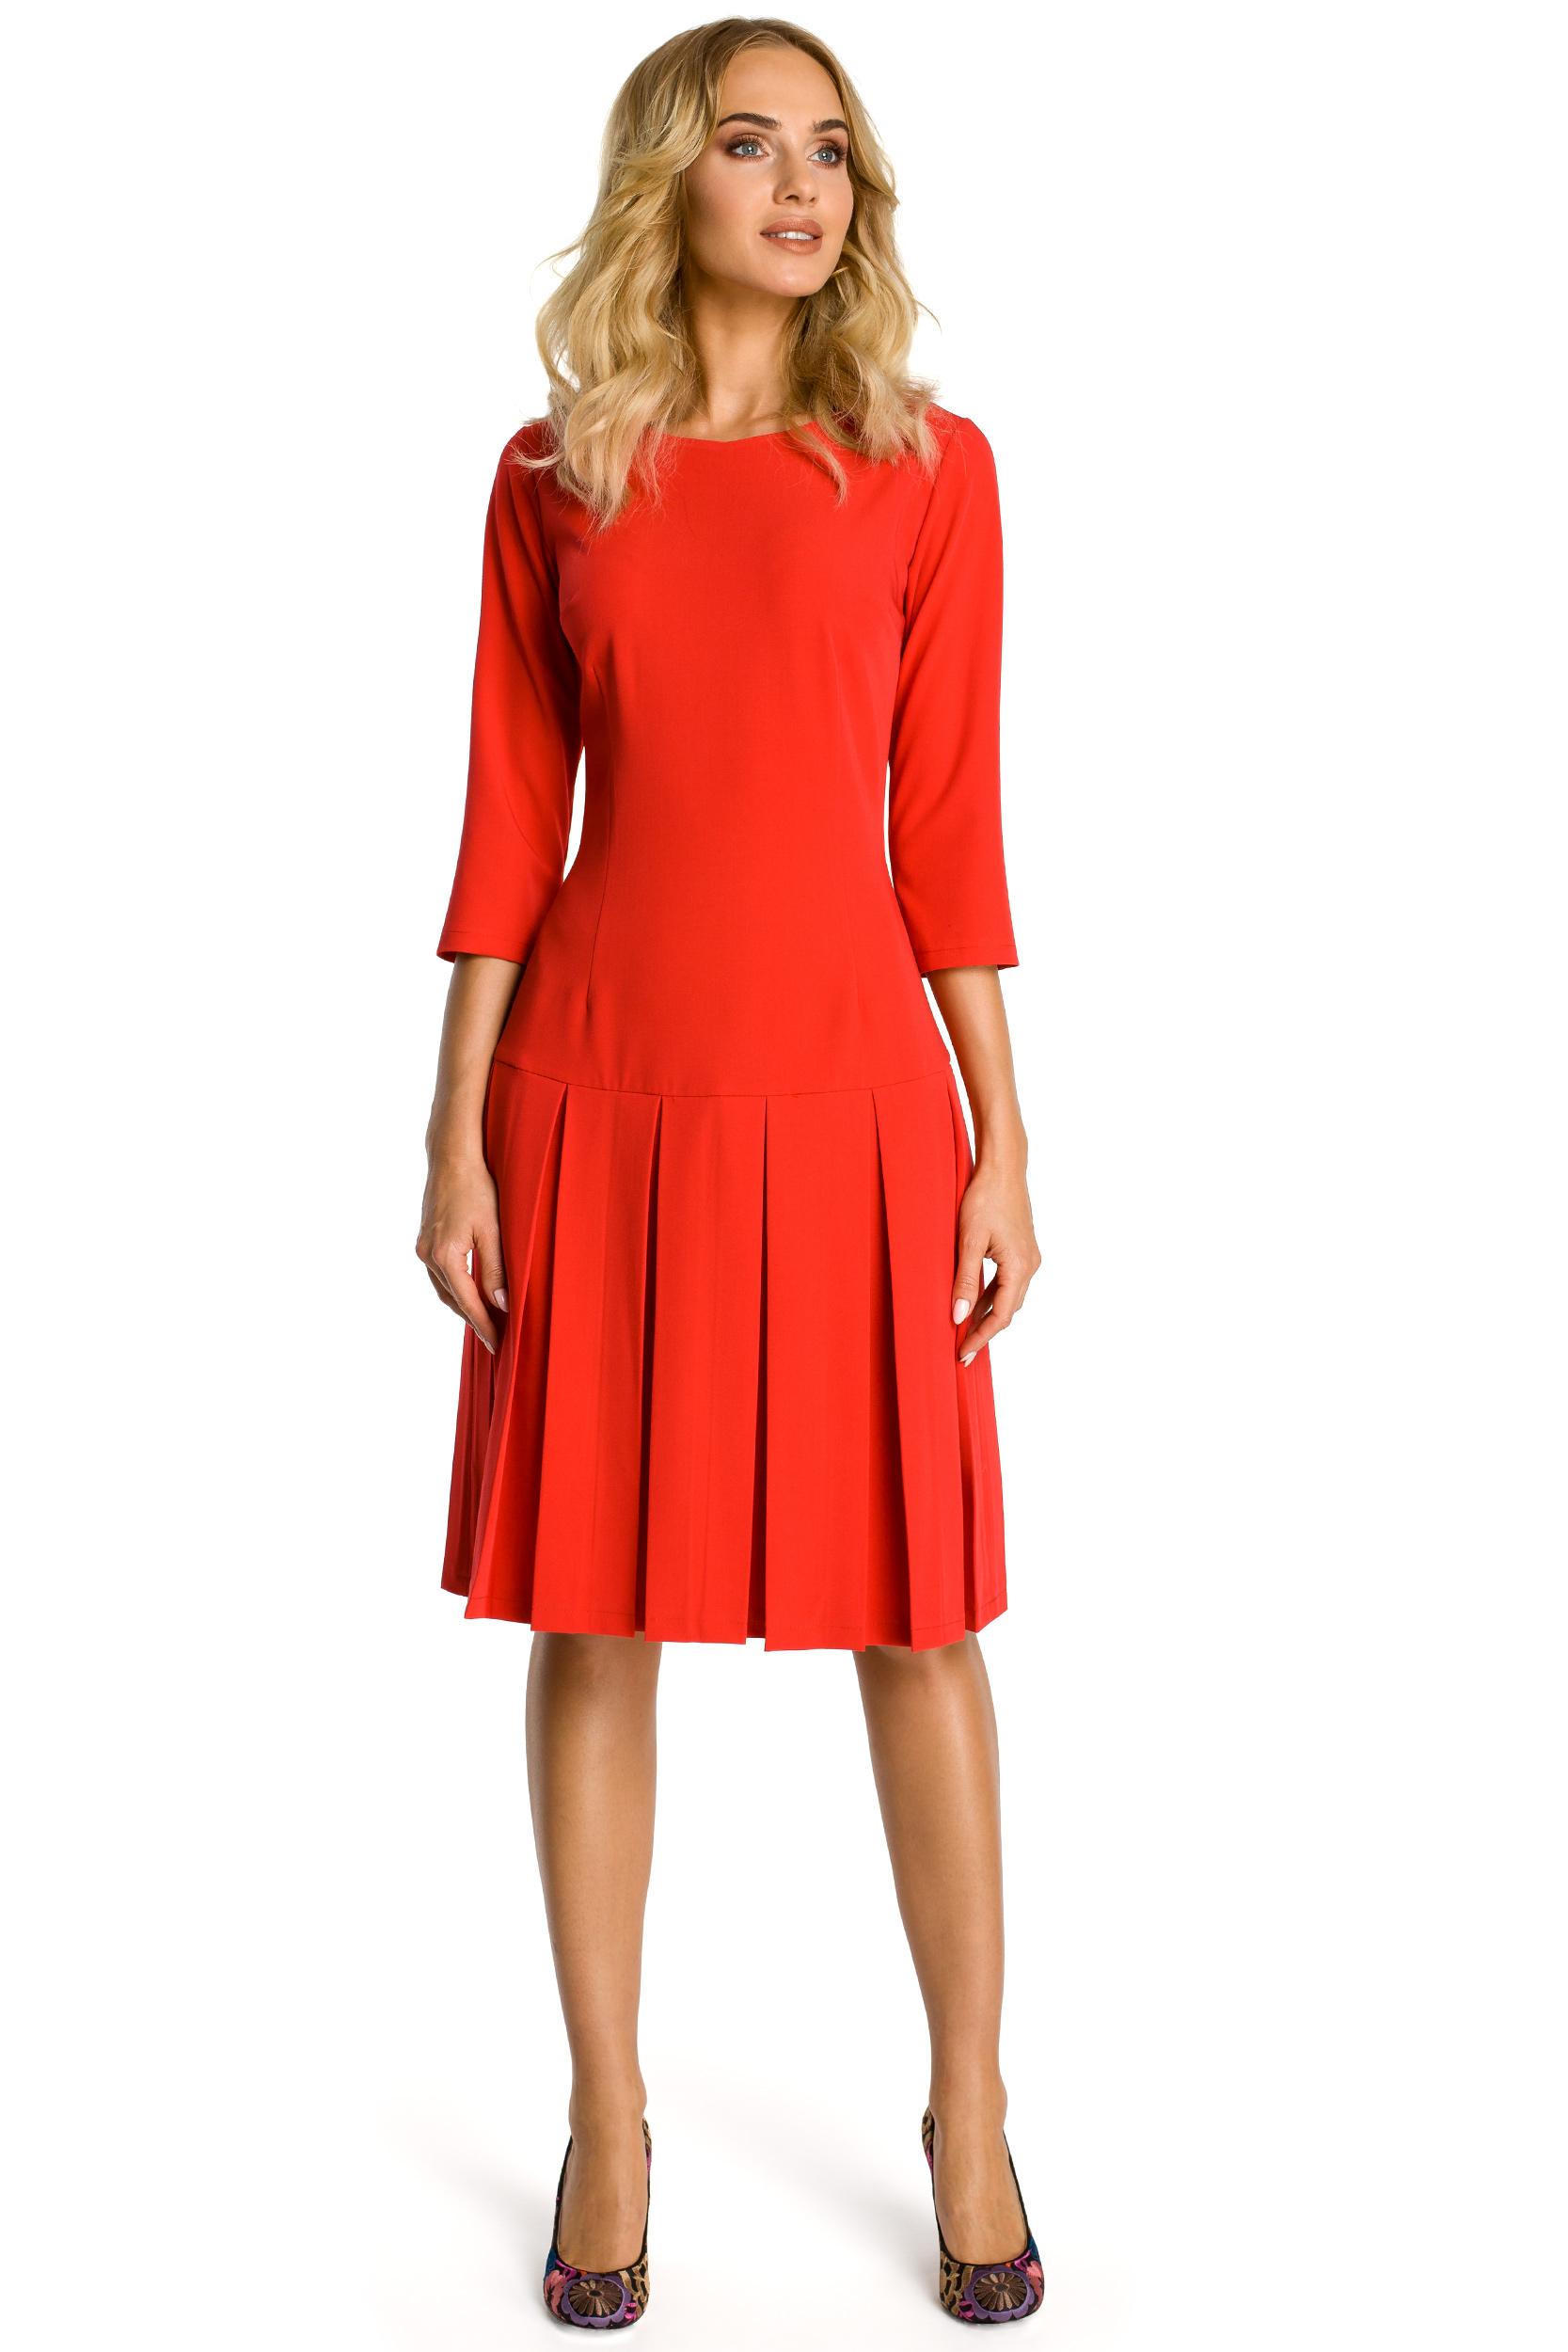 Sukienka midi z rękawem 34, obniżoną talią i kontrafałdami czerwona M336